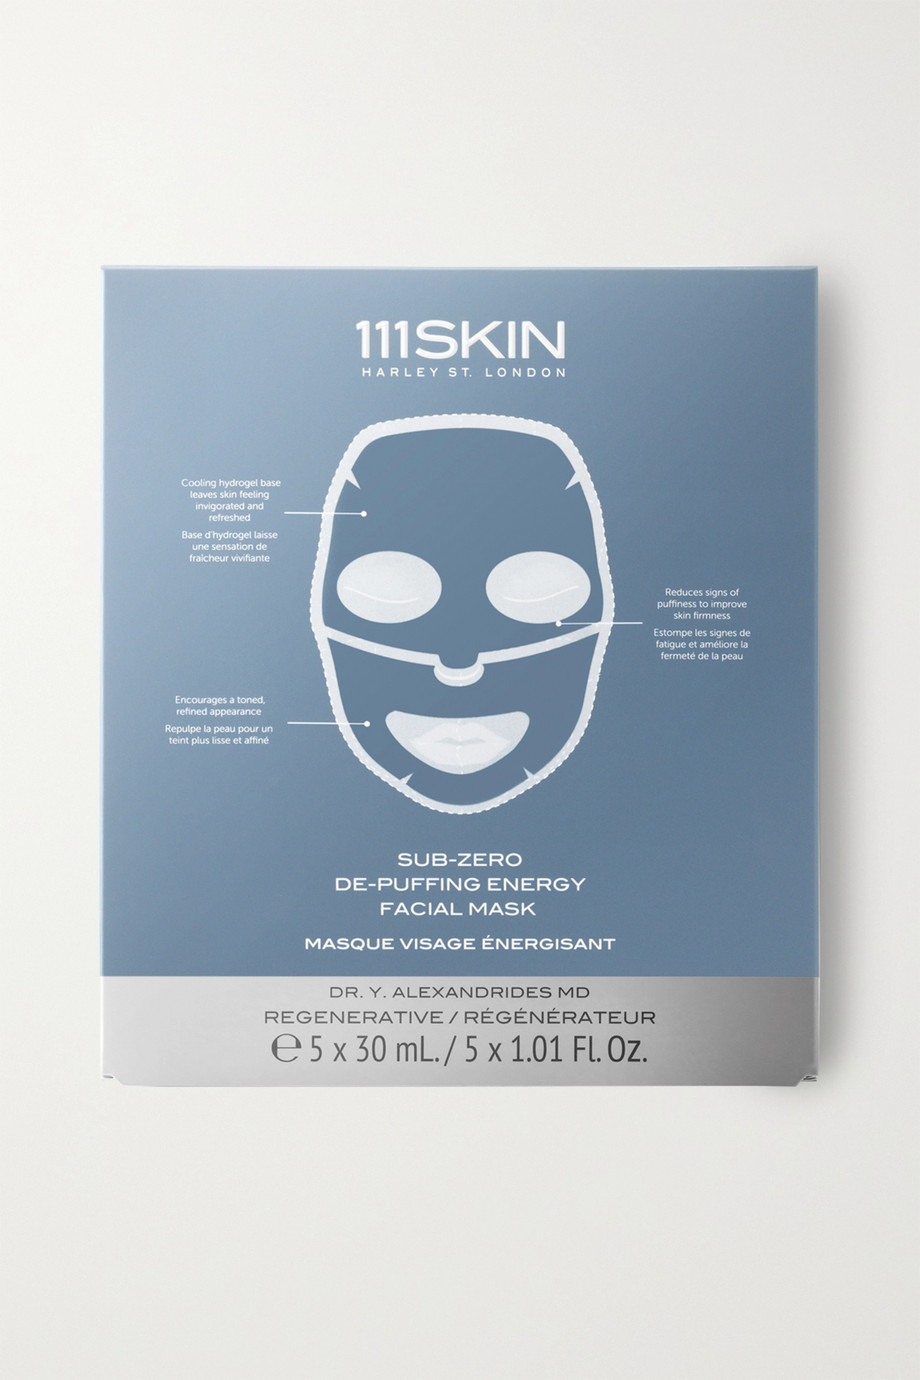 111SKIN Sub-Zero De-Puffing Energy Facial Mask x 5